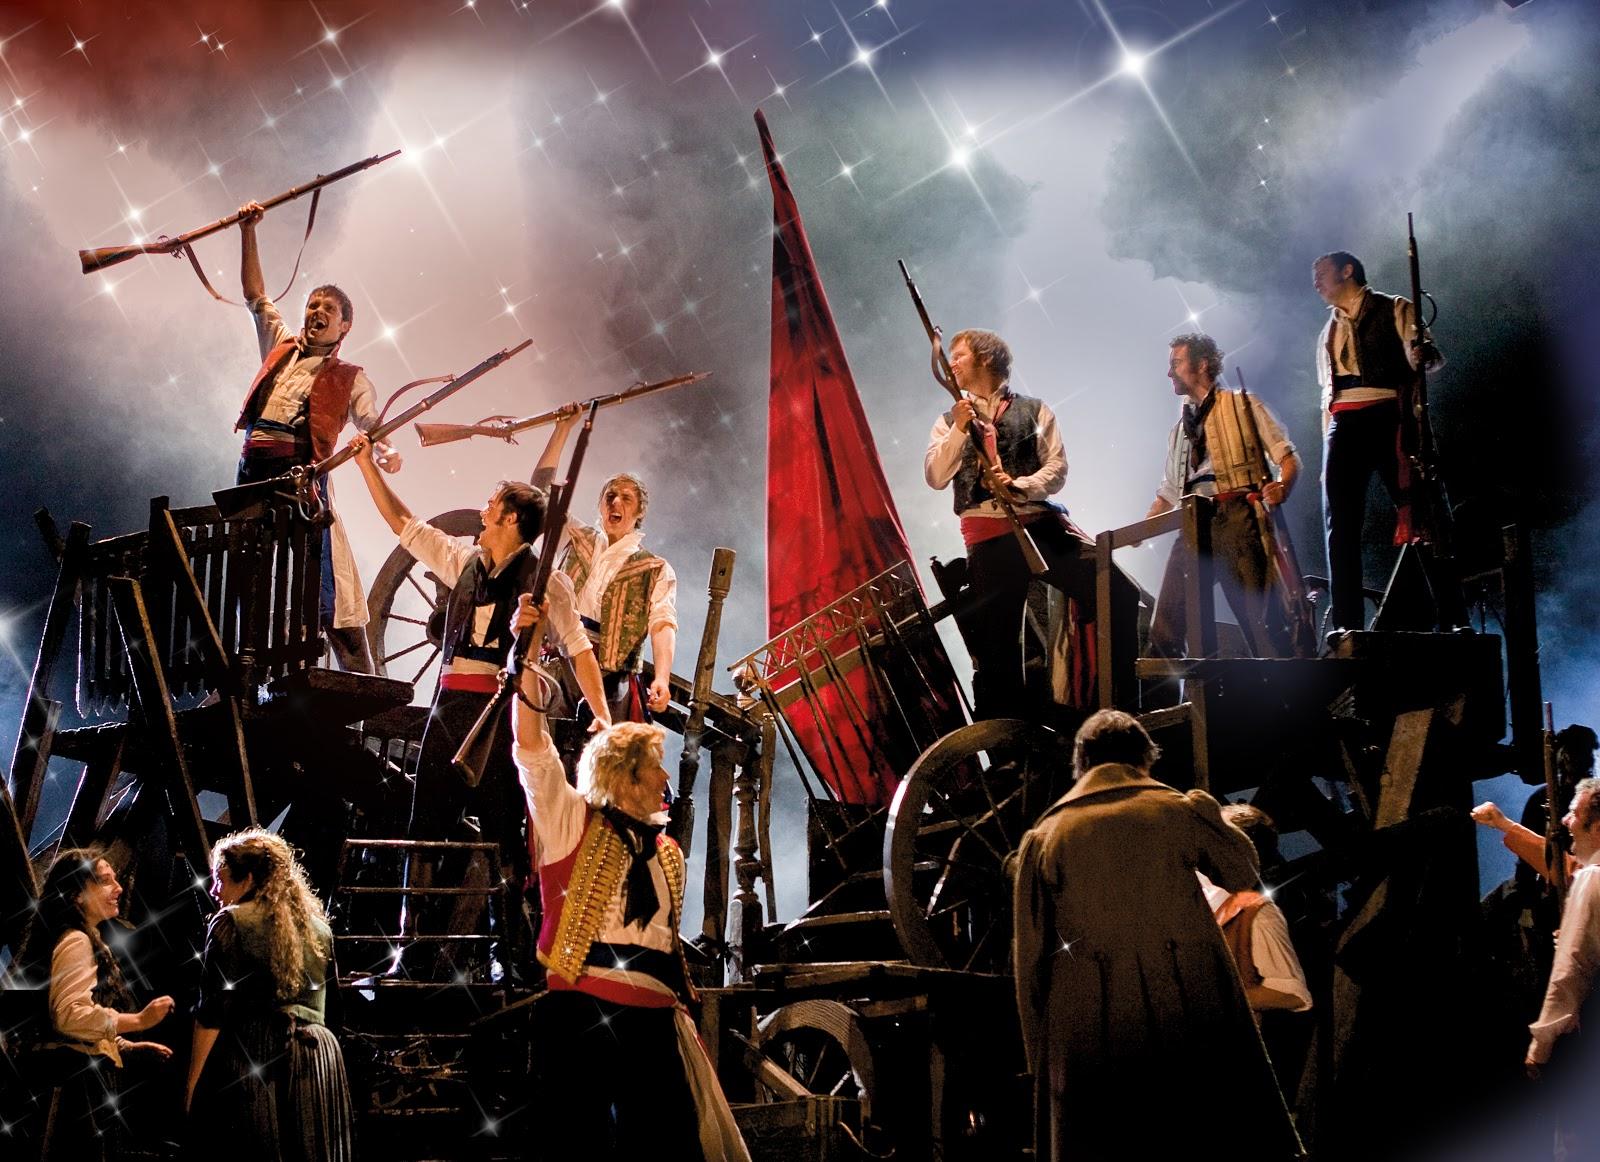 41+ Musical Theatre Wallpaper on WallpaperSafari